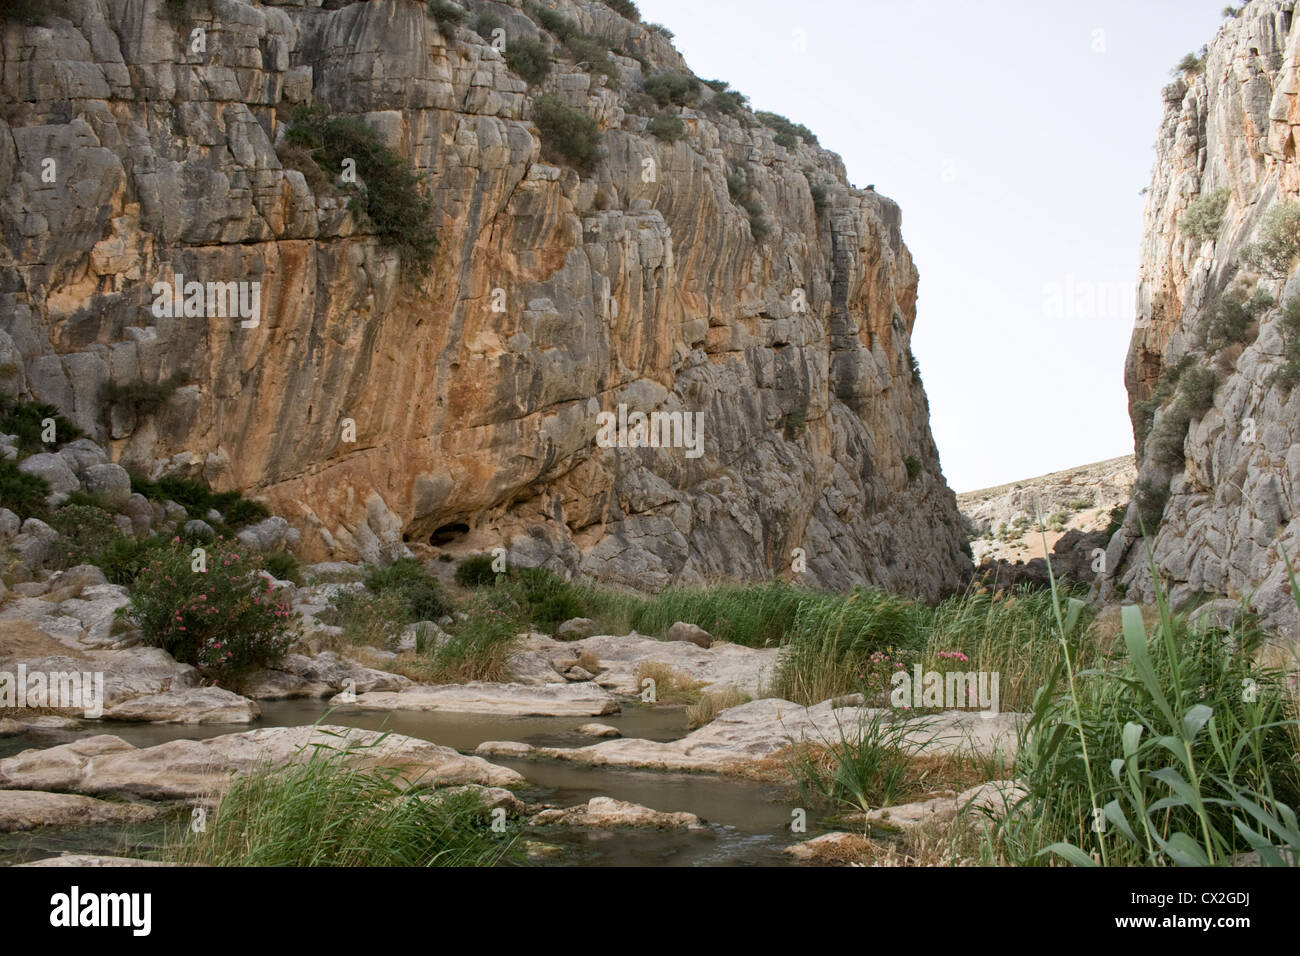 Teba Gorge in Andalusia Spagna, un buon posto per il bird-watching. Immagini Stock